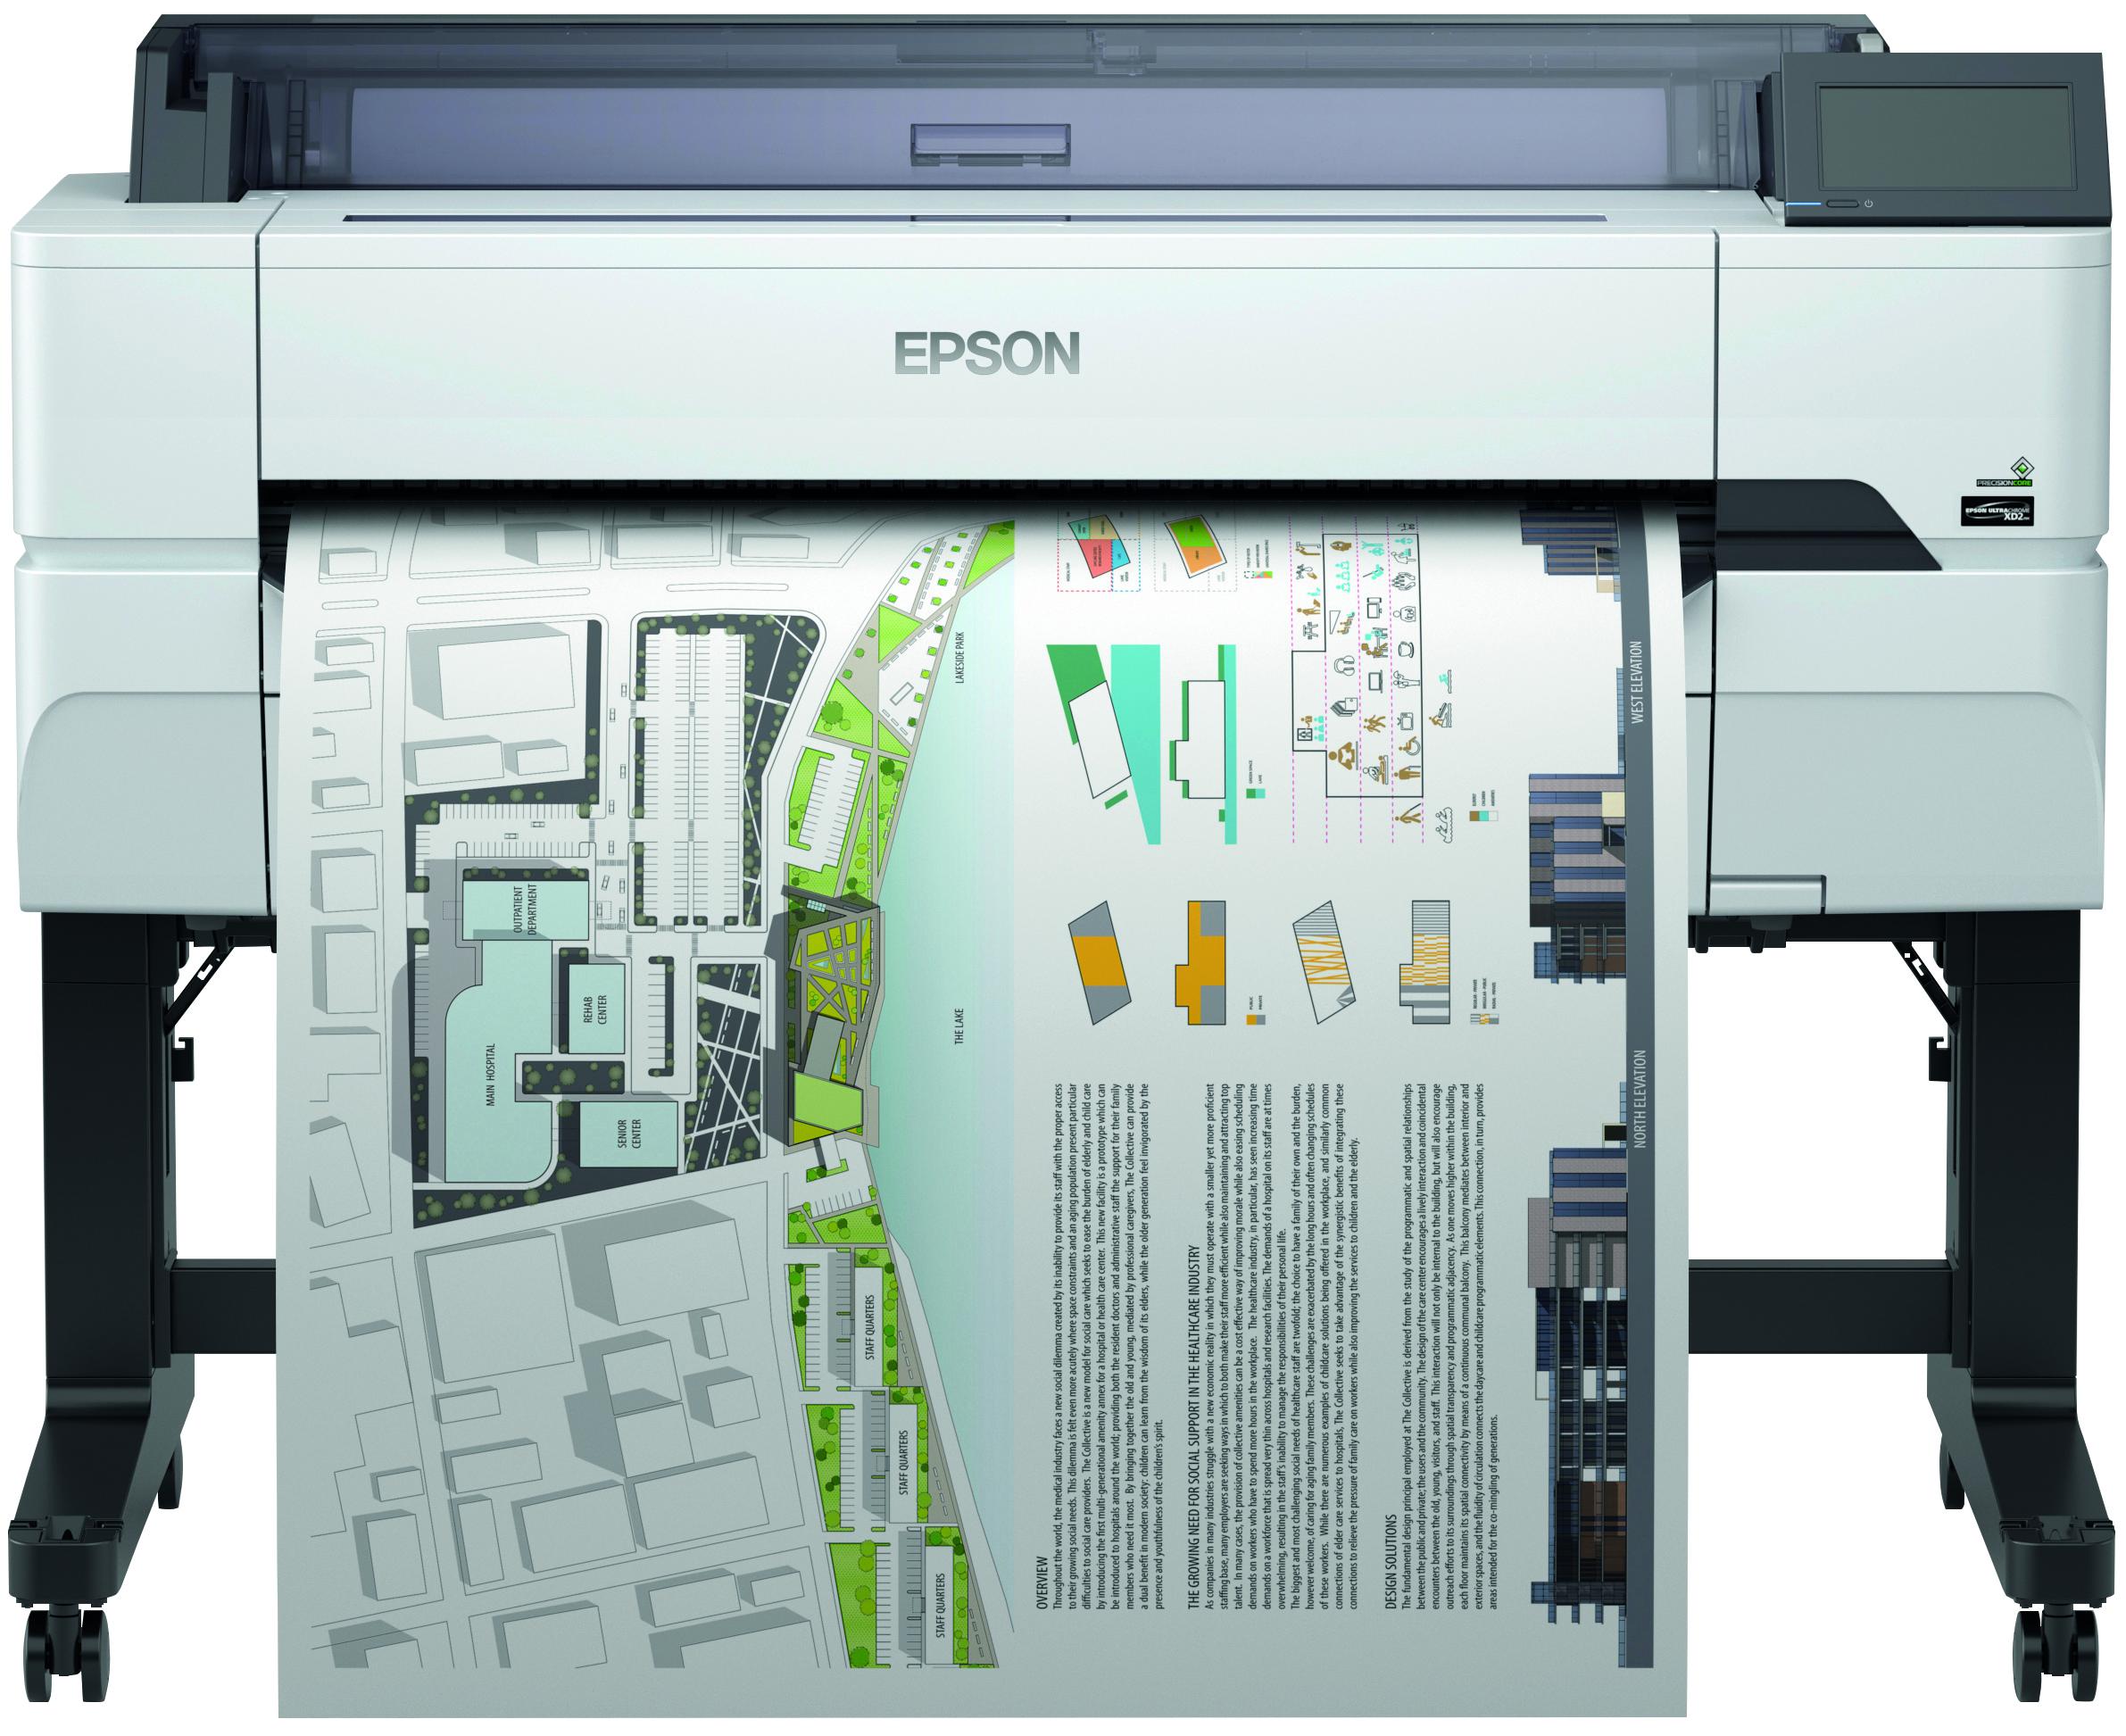 Epson Surecolor Sc T5400 Traceur Pixel Tech